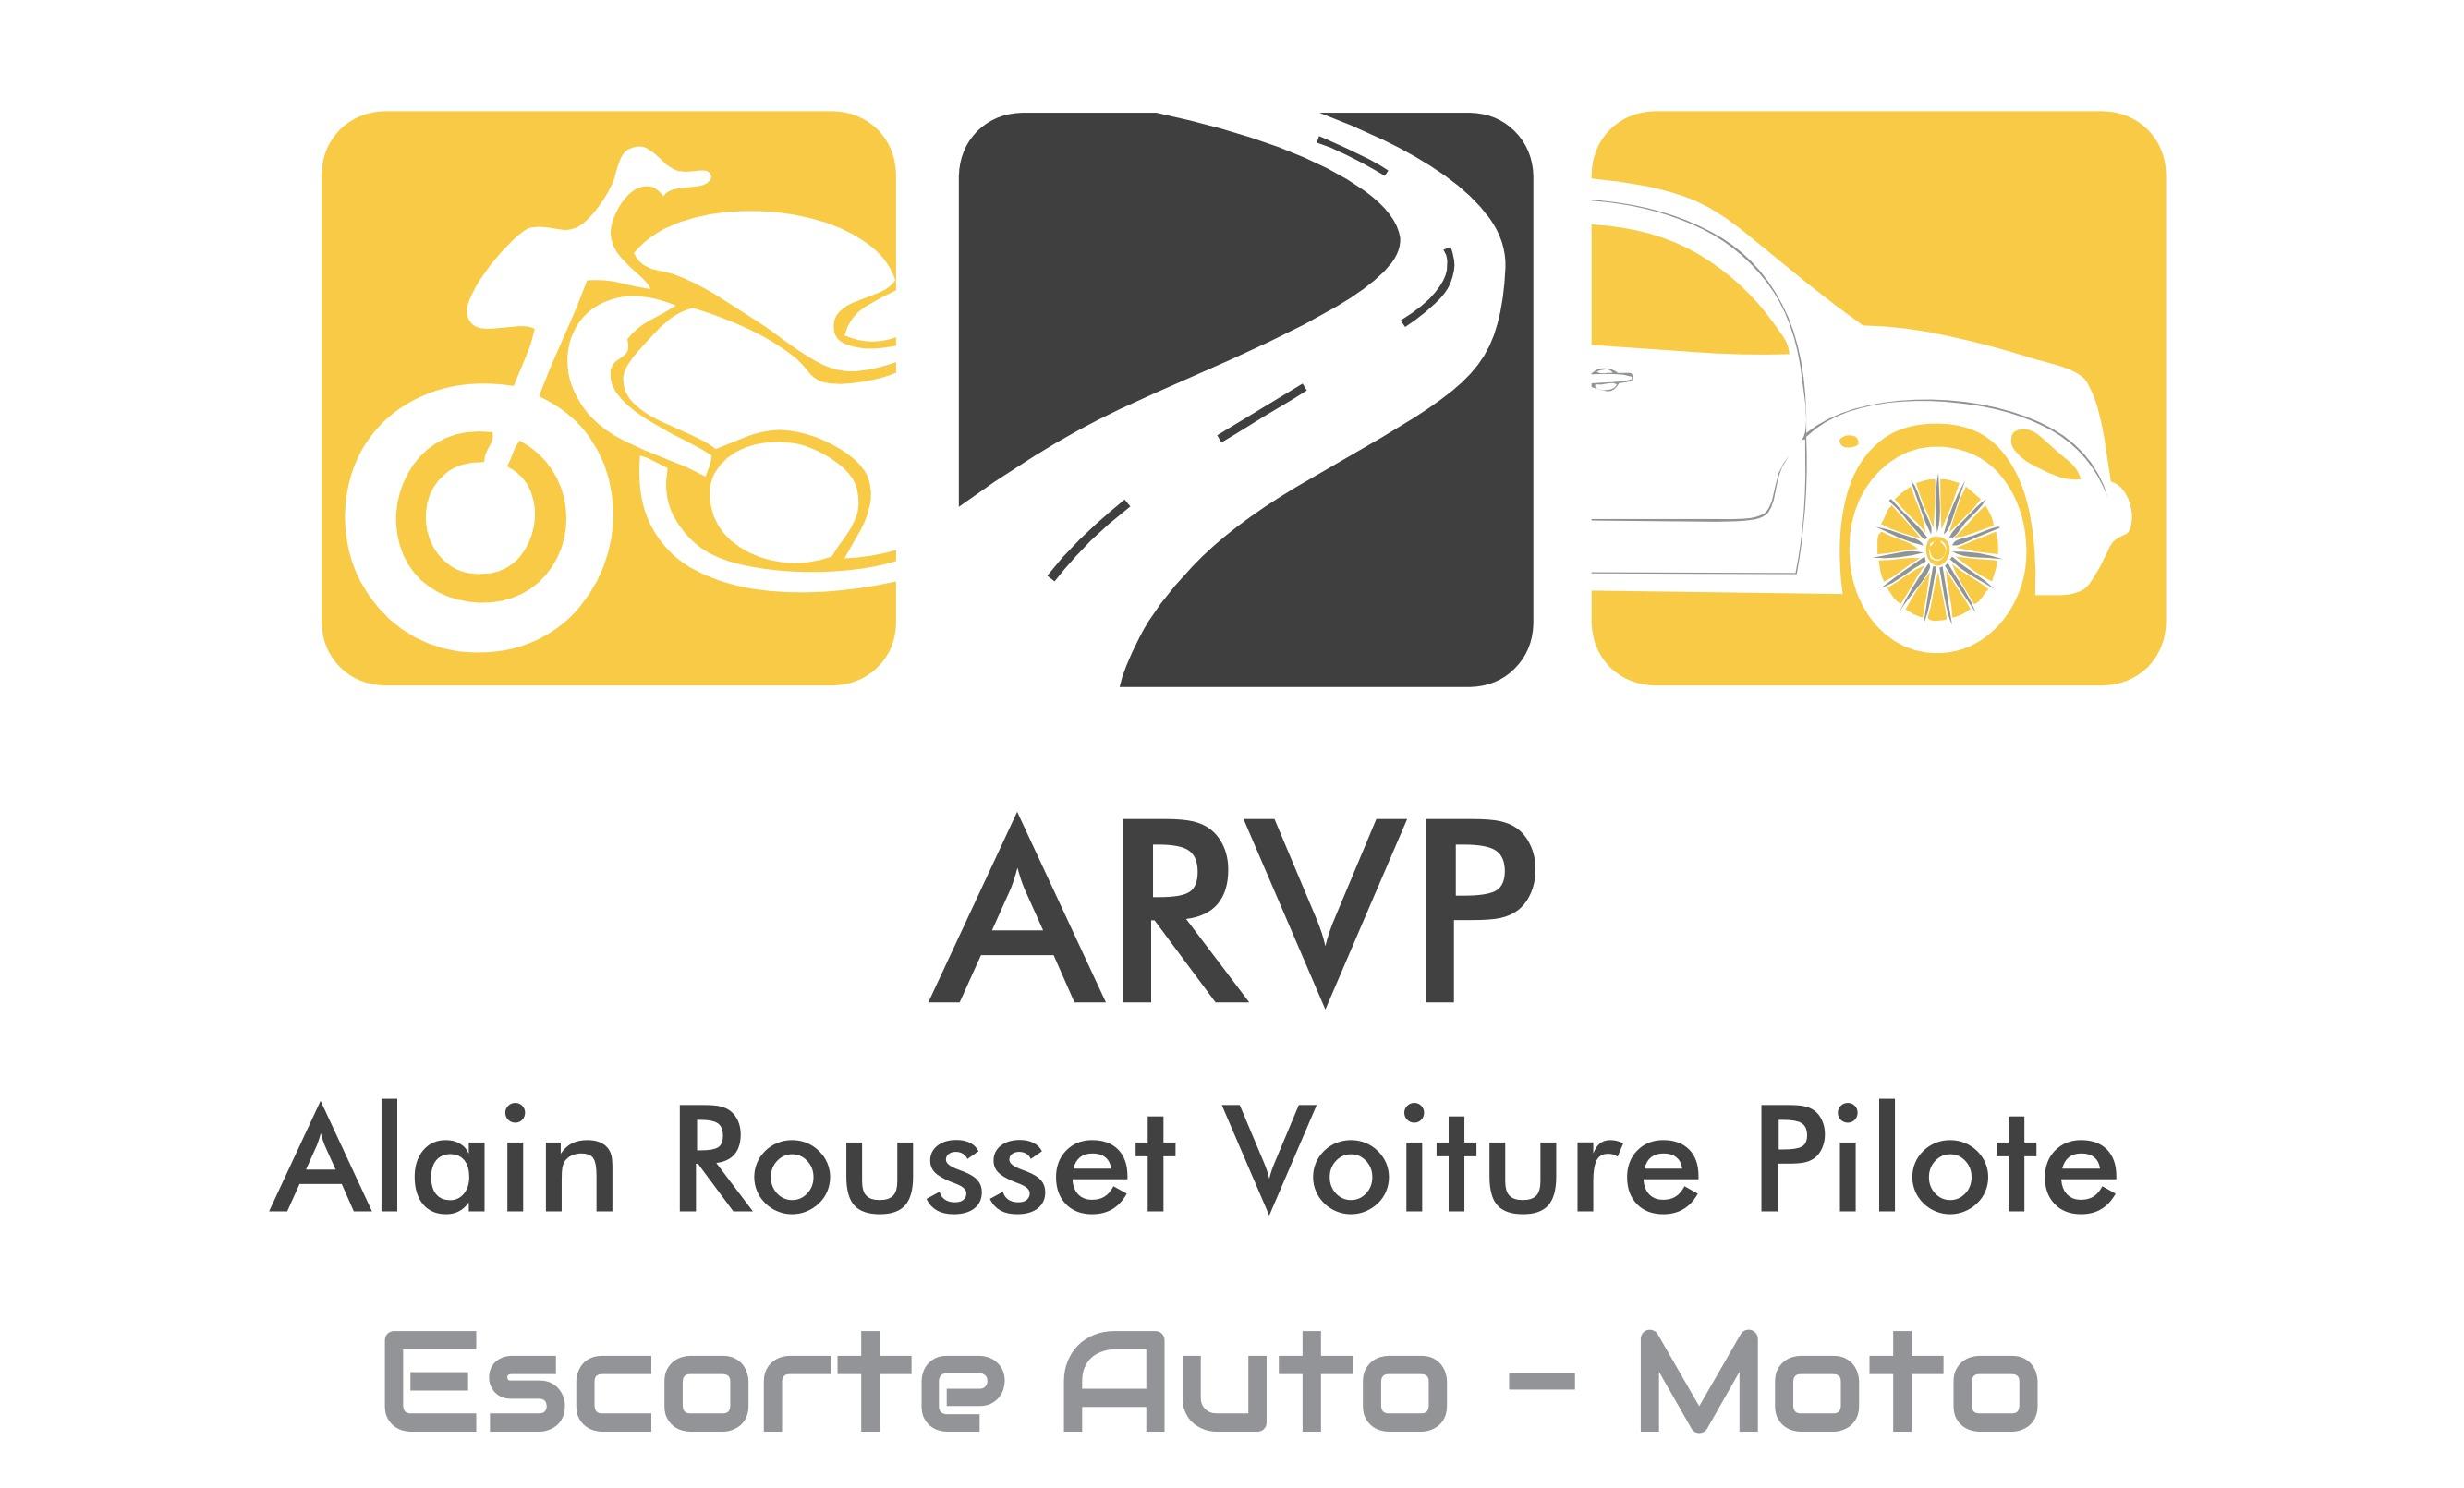 Service d'escorte en voiture et en moto de ARVP à Bouvron logo footer